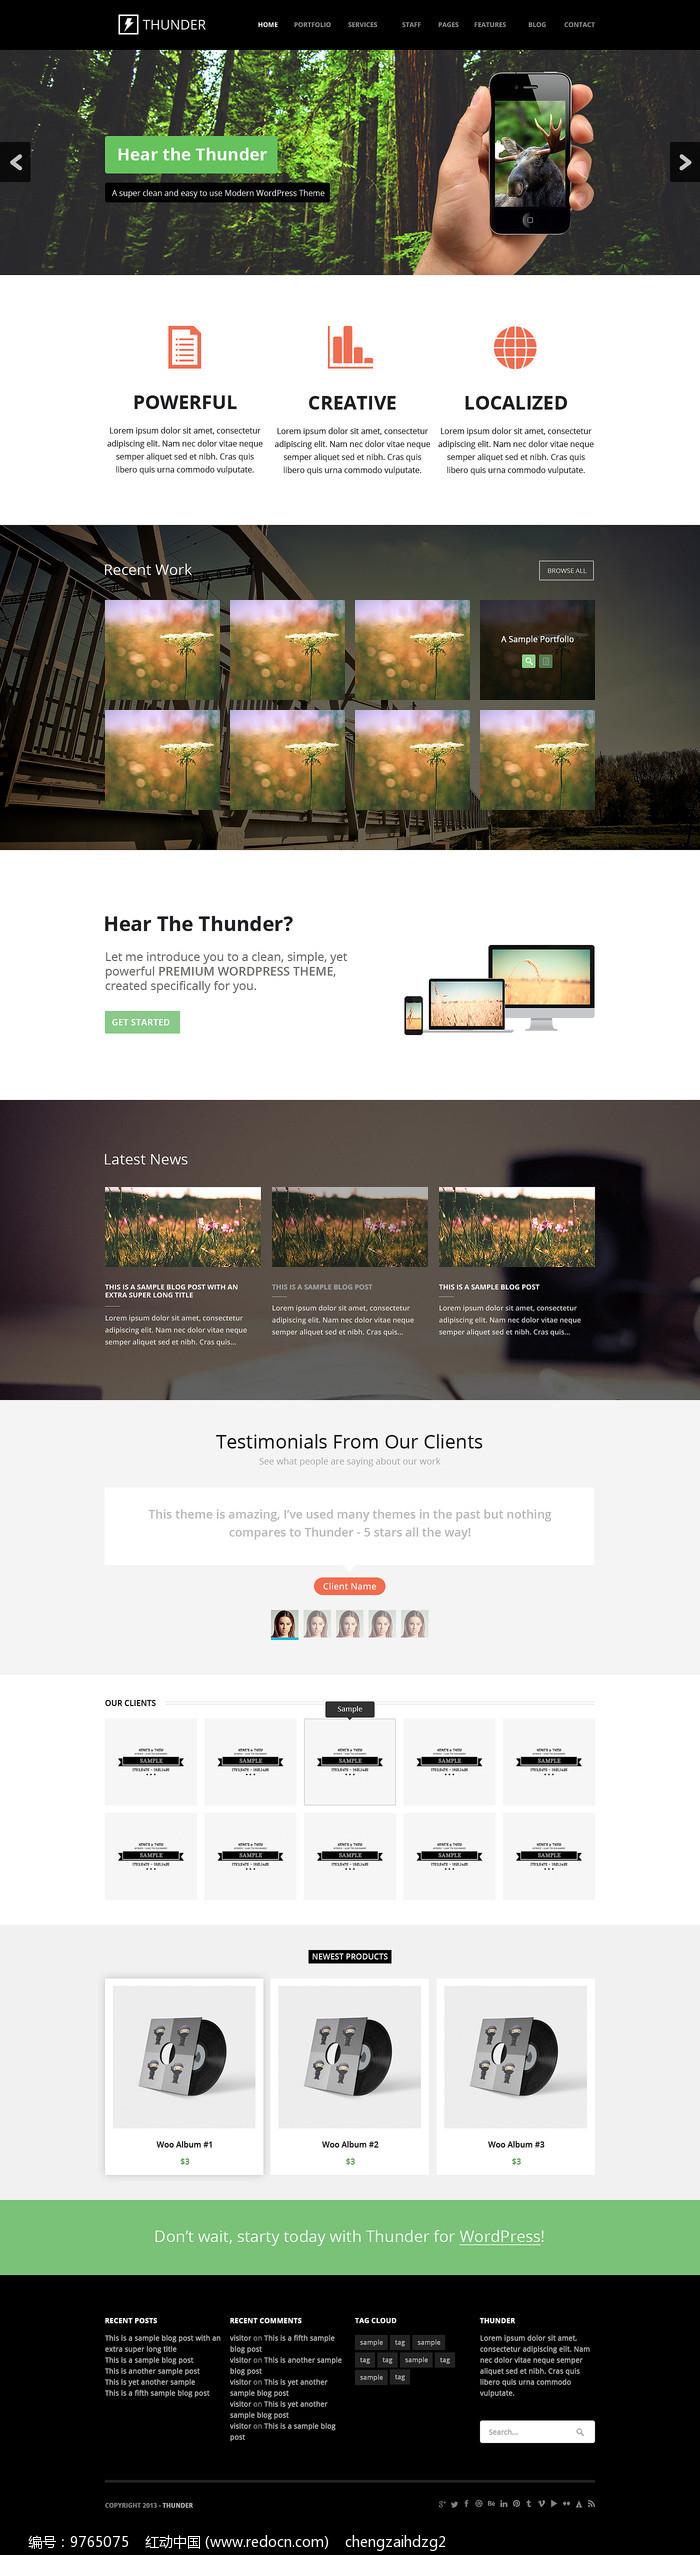 外国商务网站模板图片